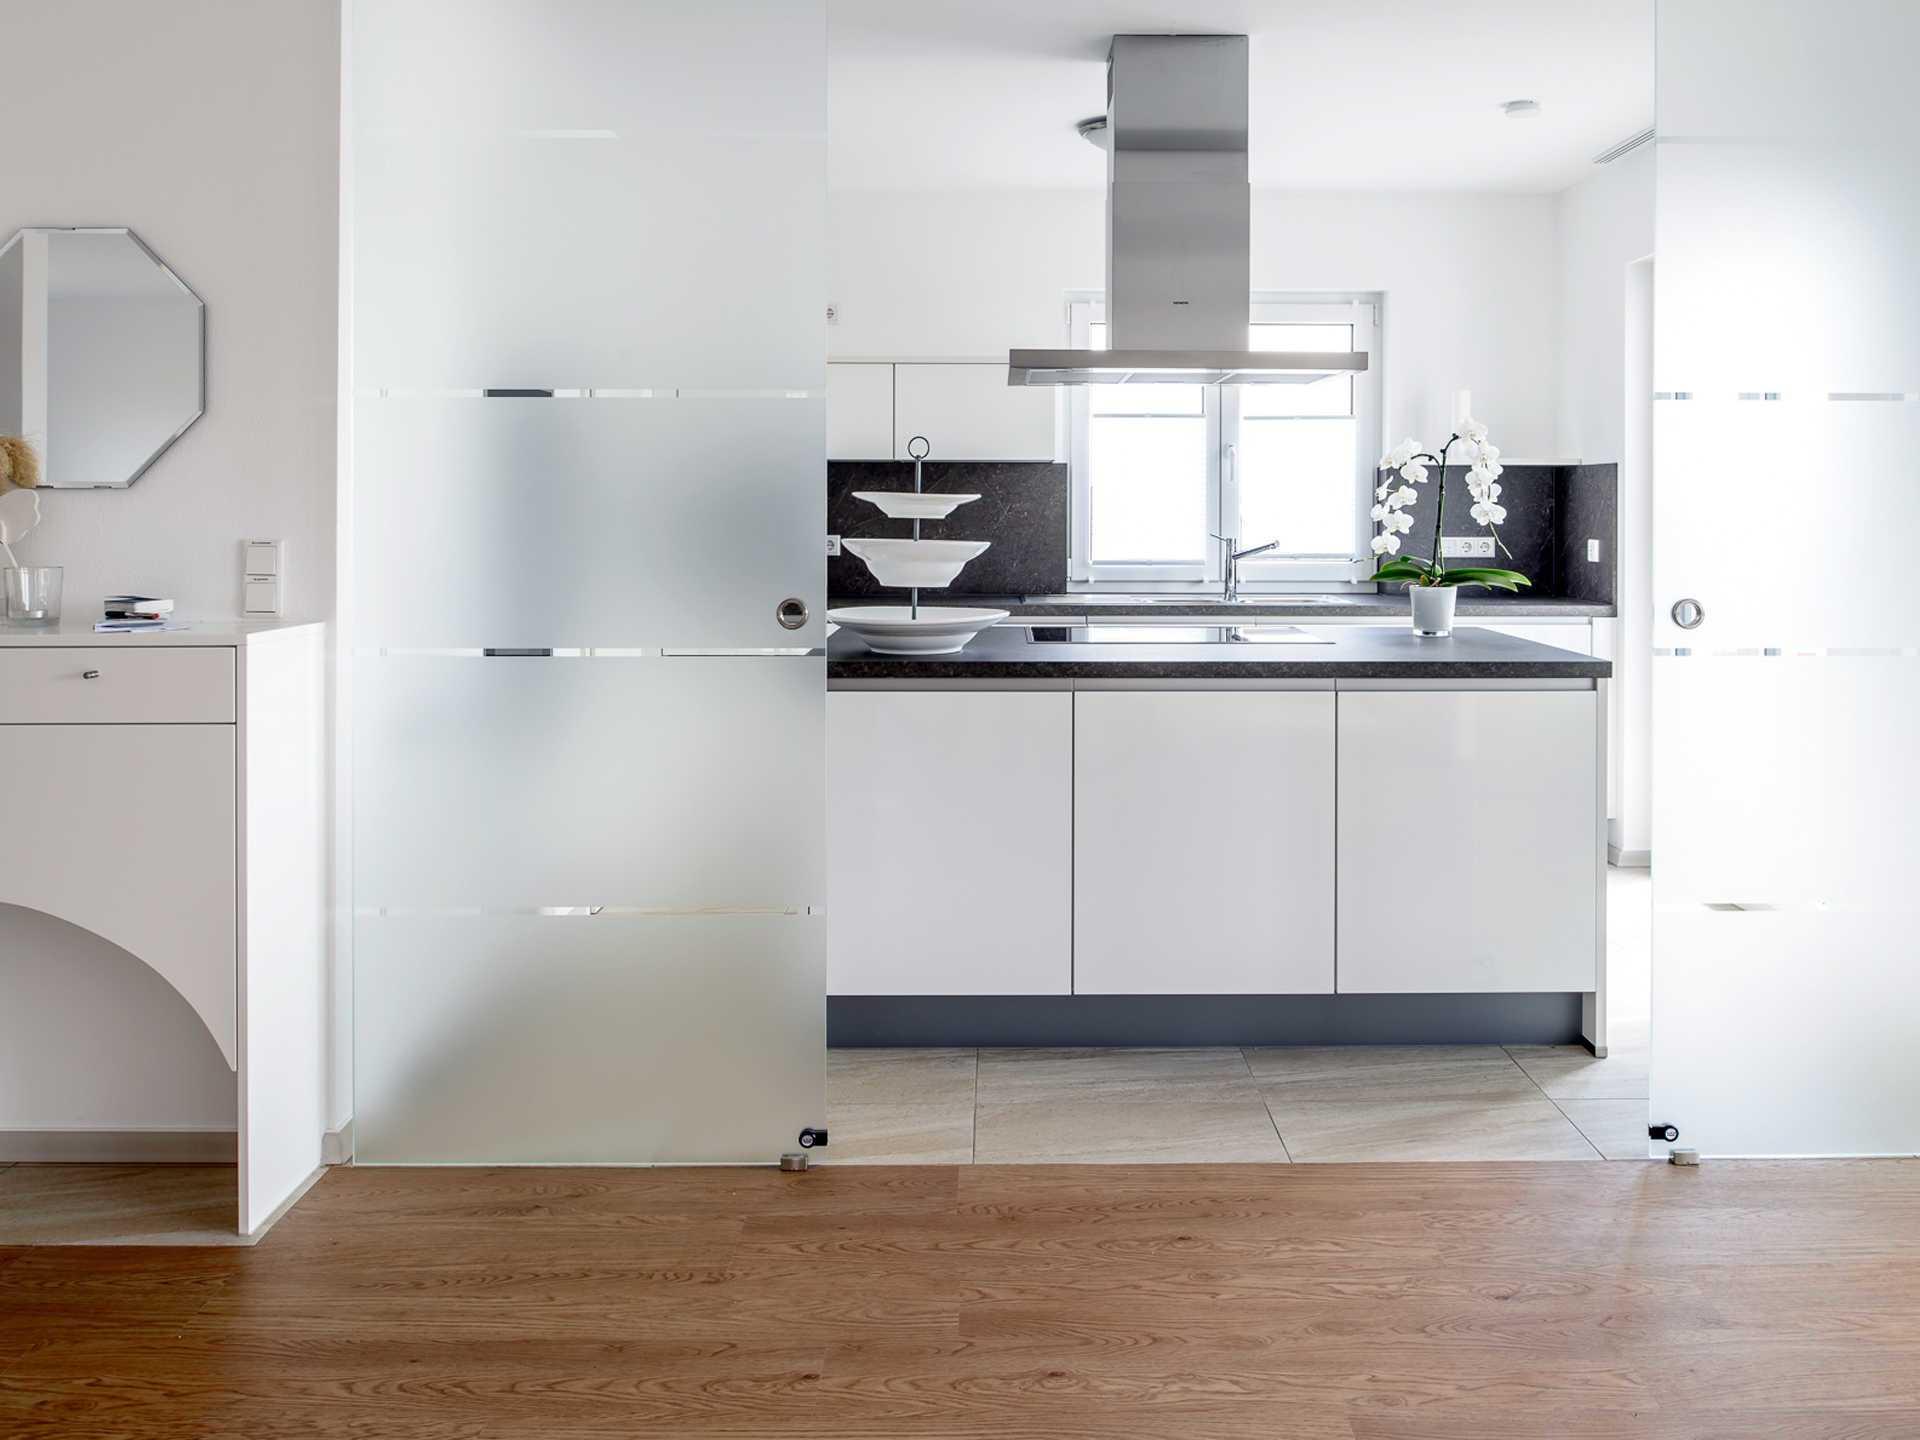 übernahmevertrag Küche Muster Küchen Guido Kratz